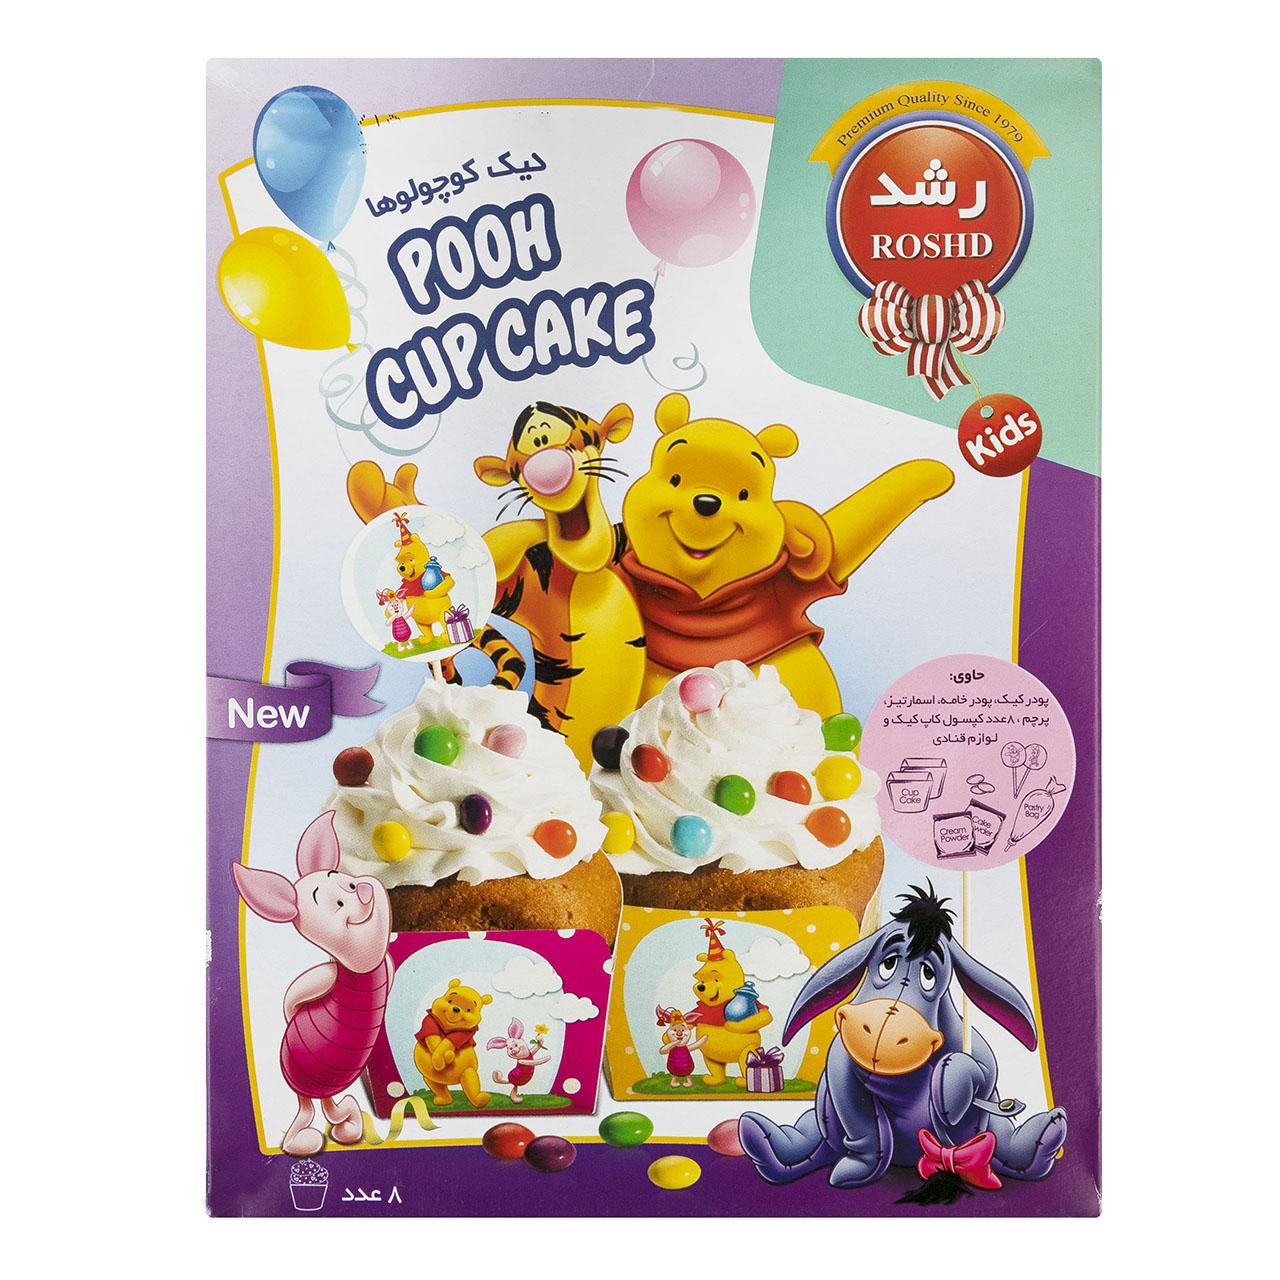 خرید                      پودر کاپ کیک کوچولوهای رشد مقدار 370 گرم